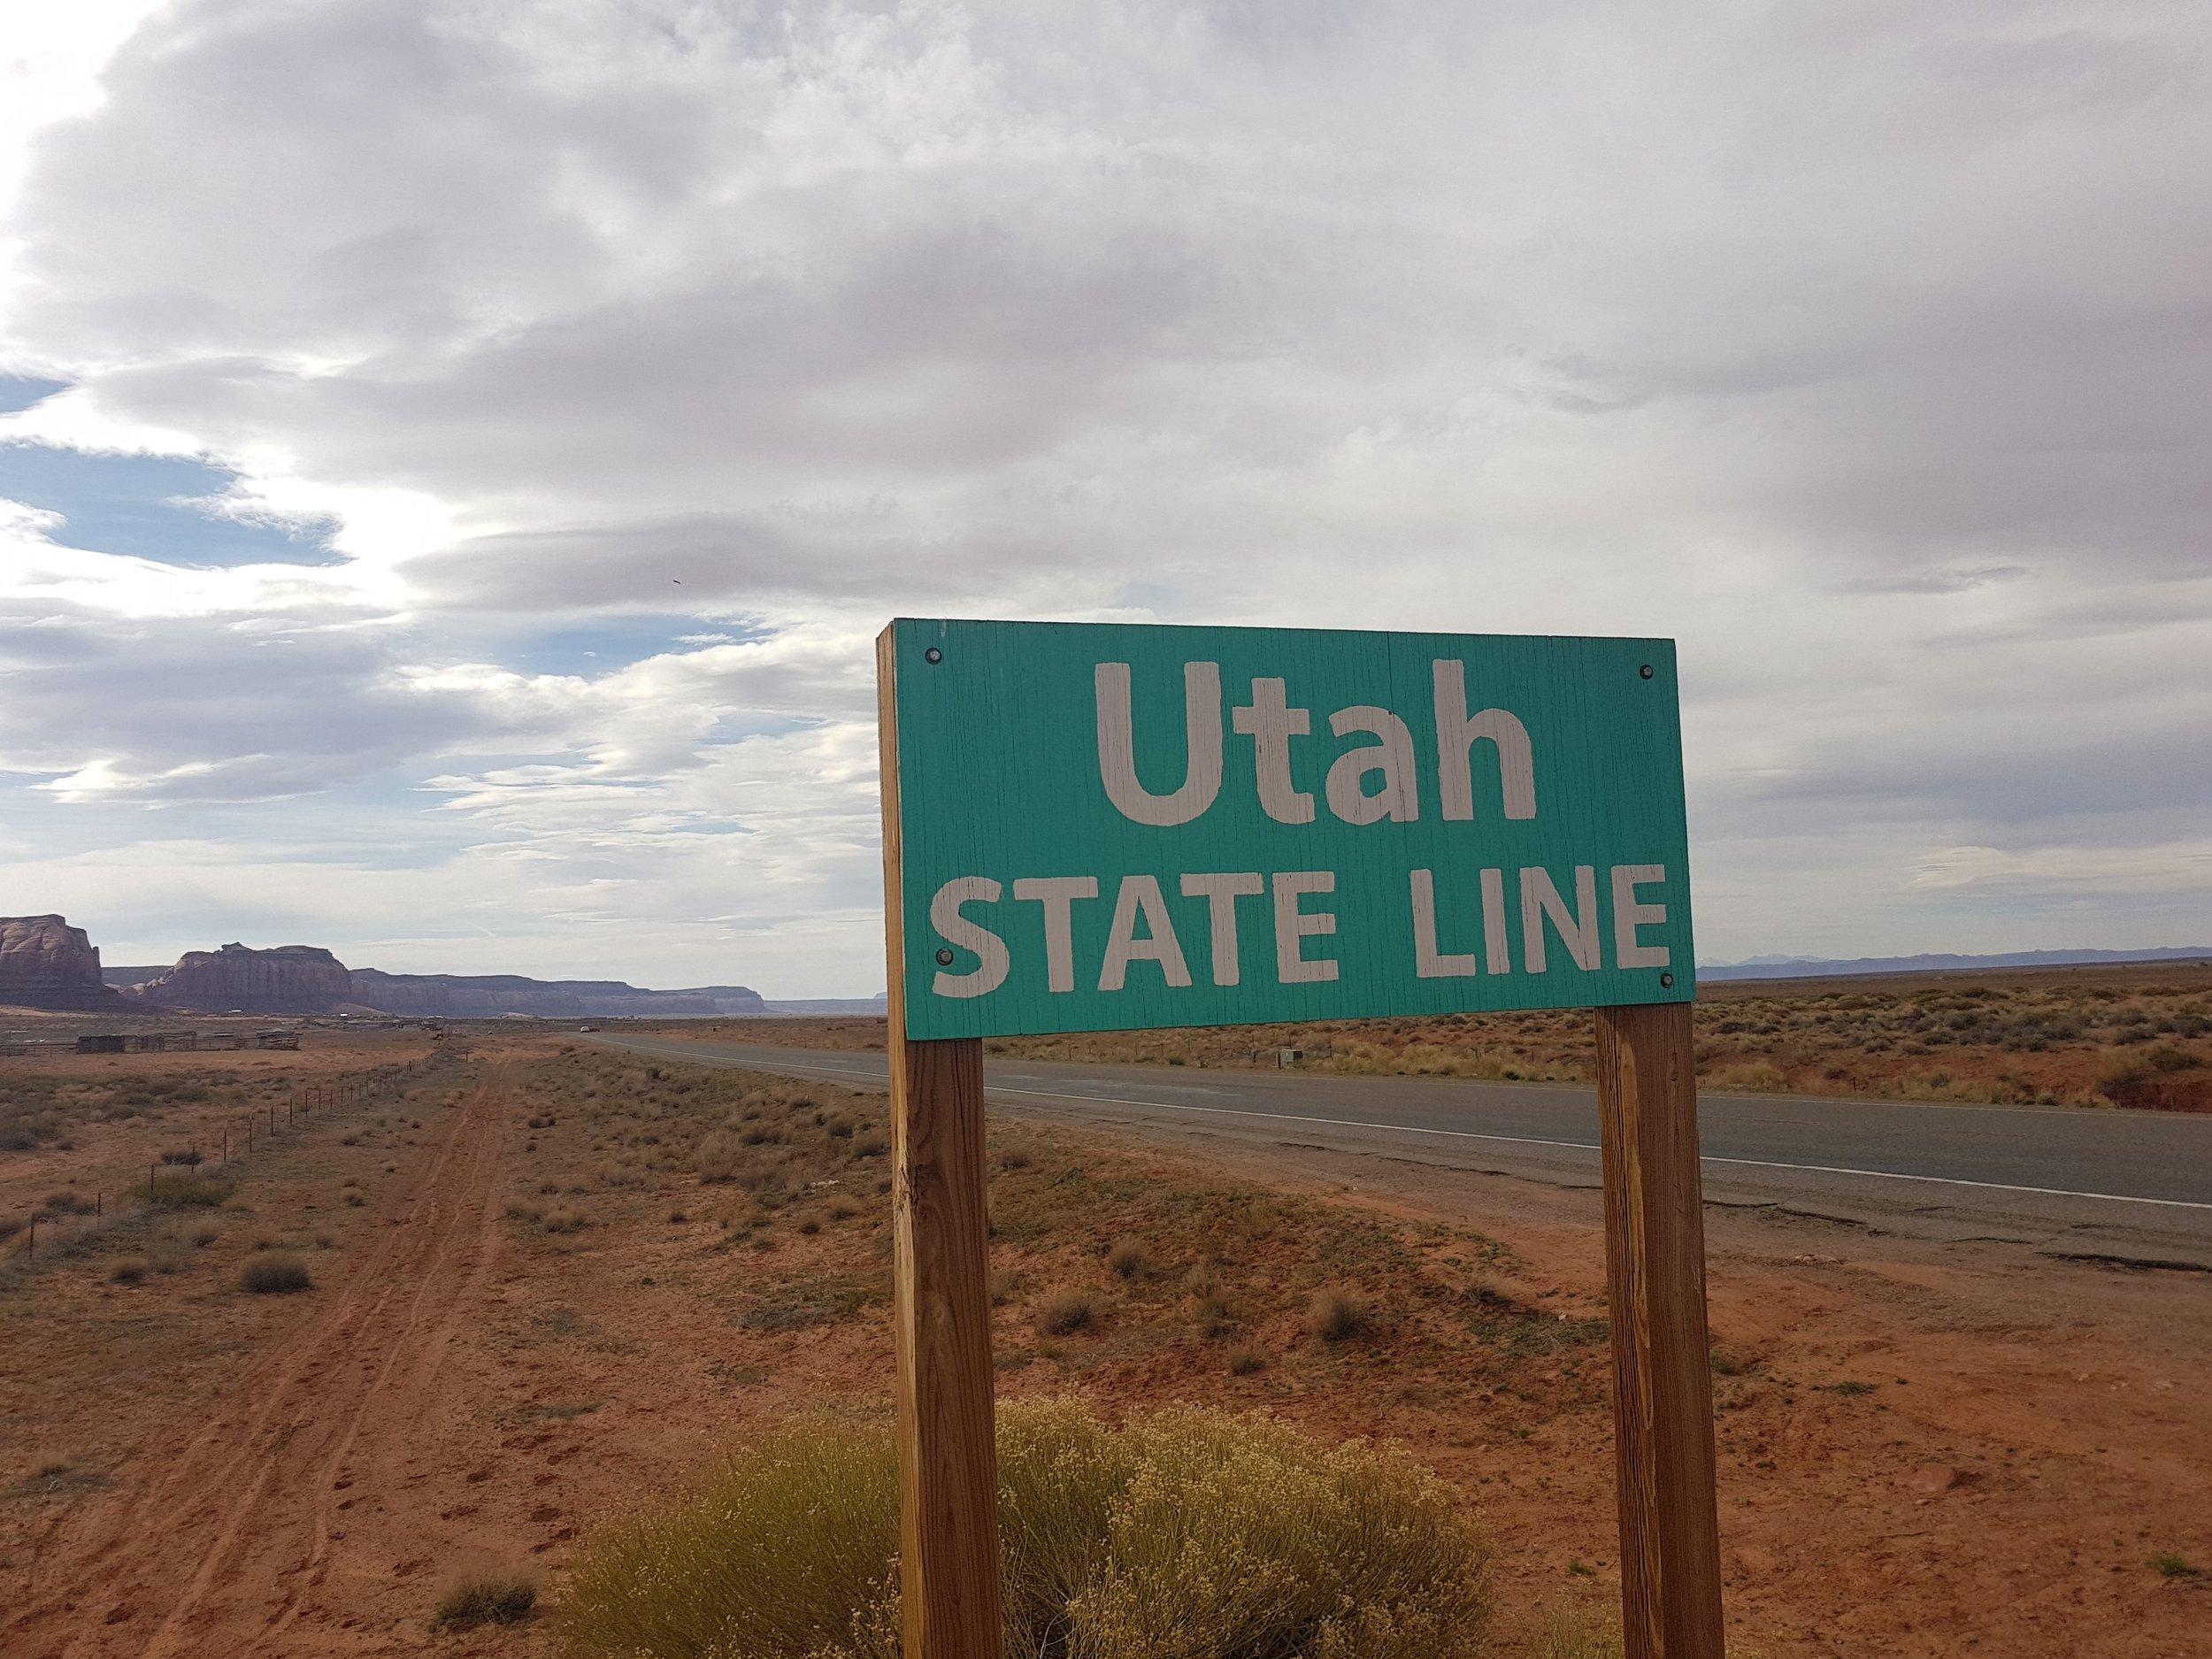 D'un côté c'est l'Utah...